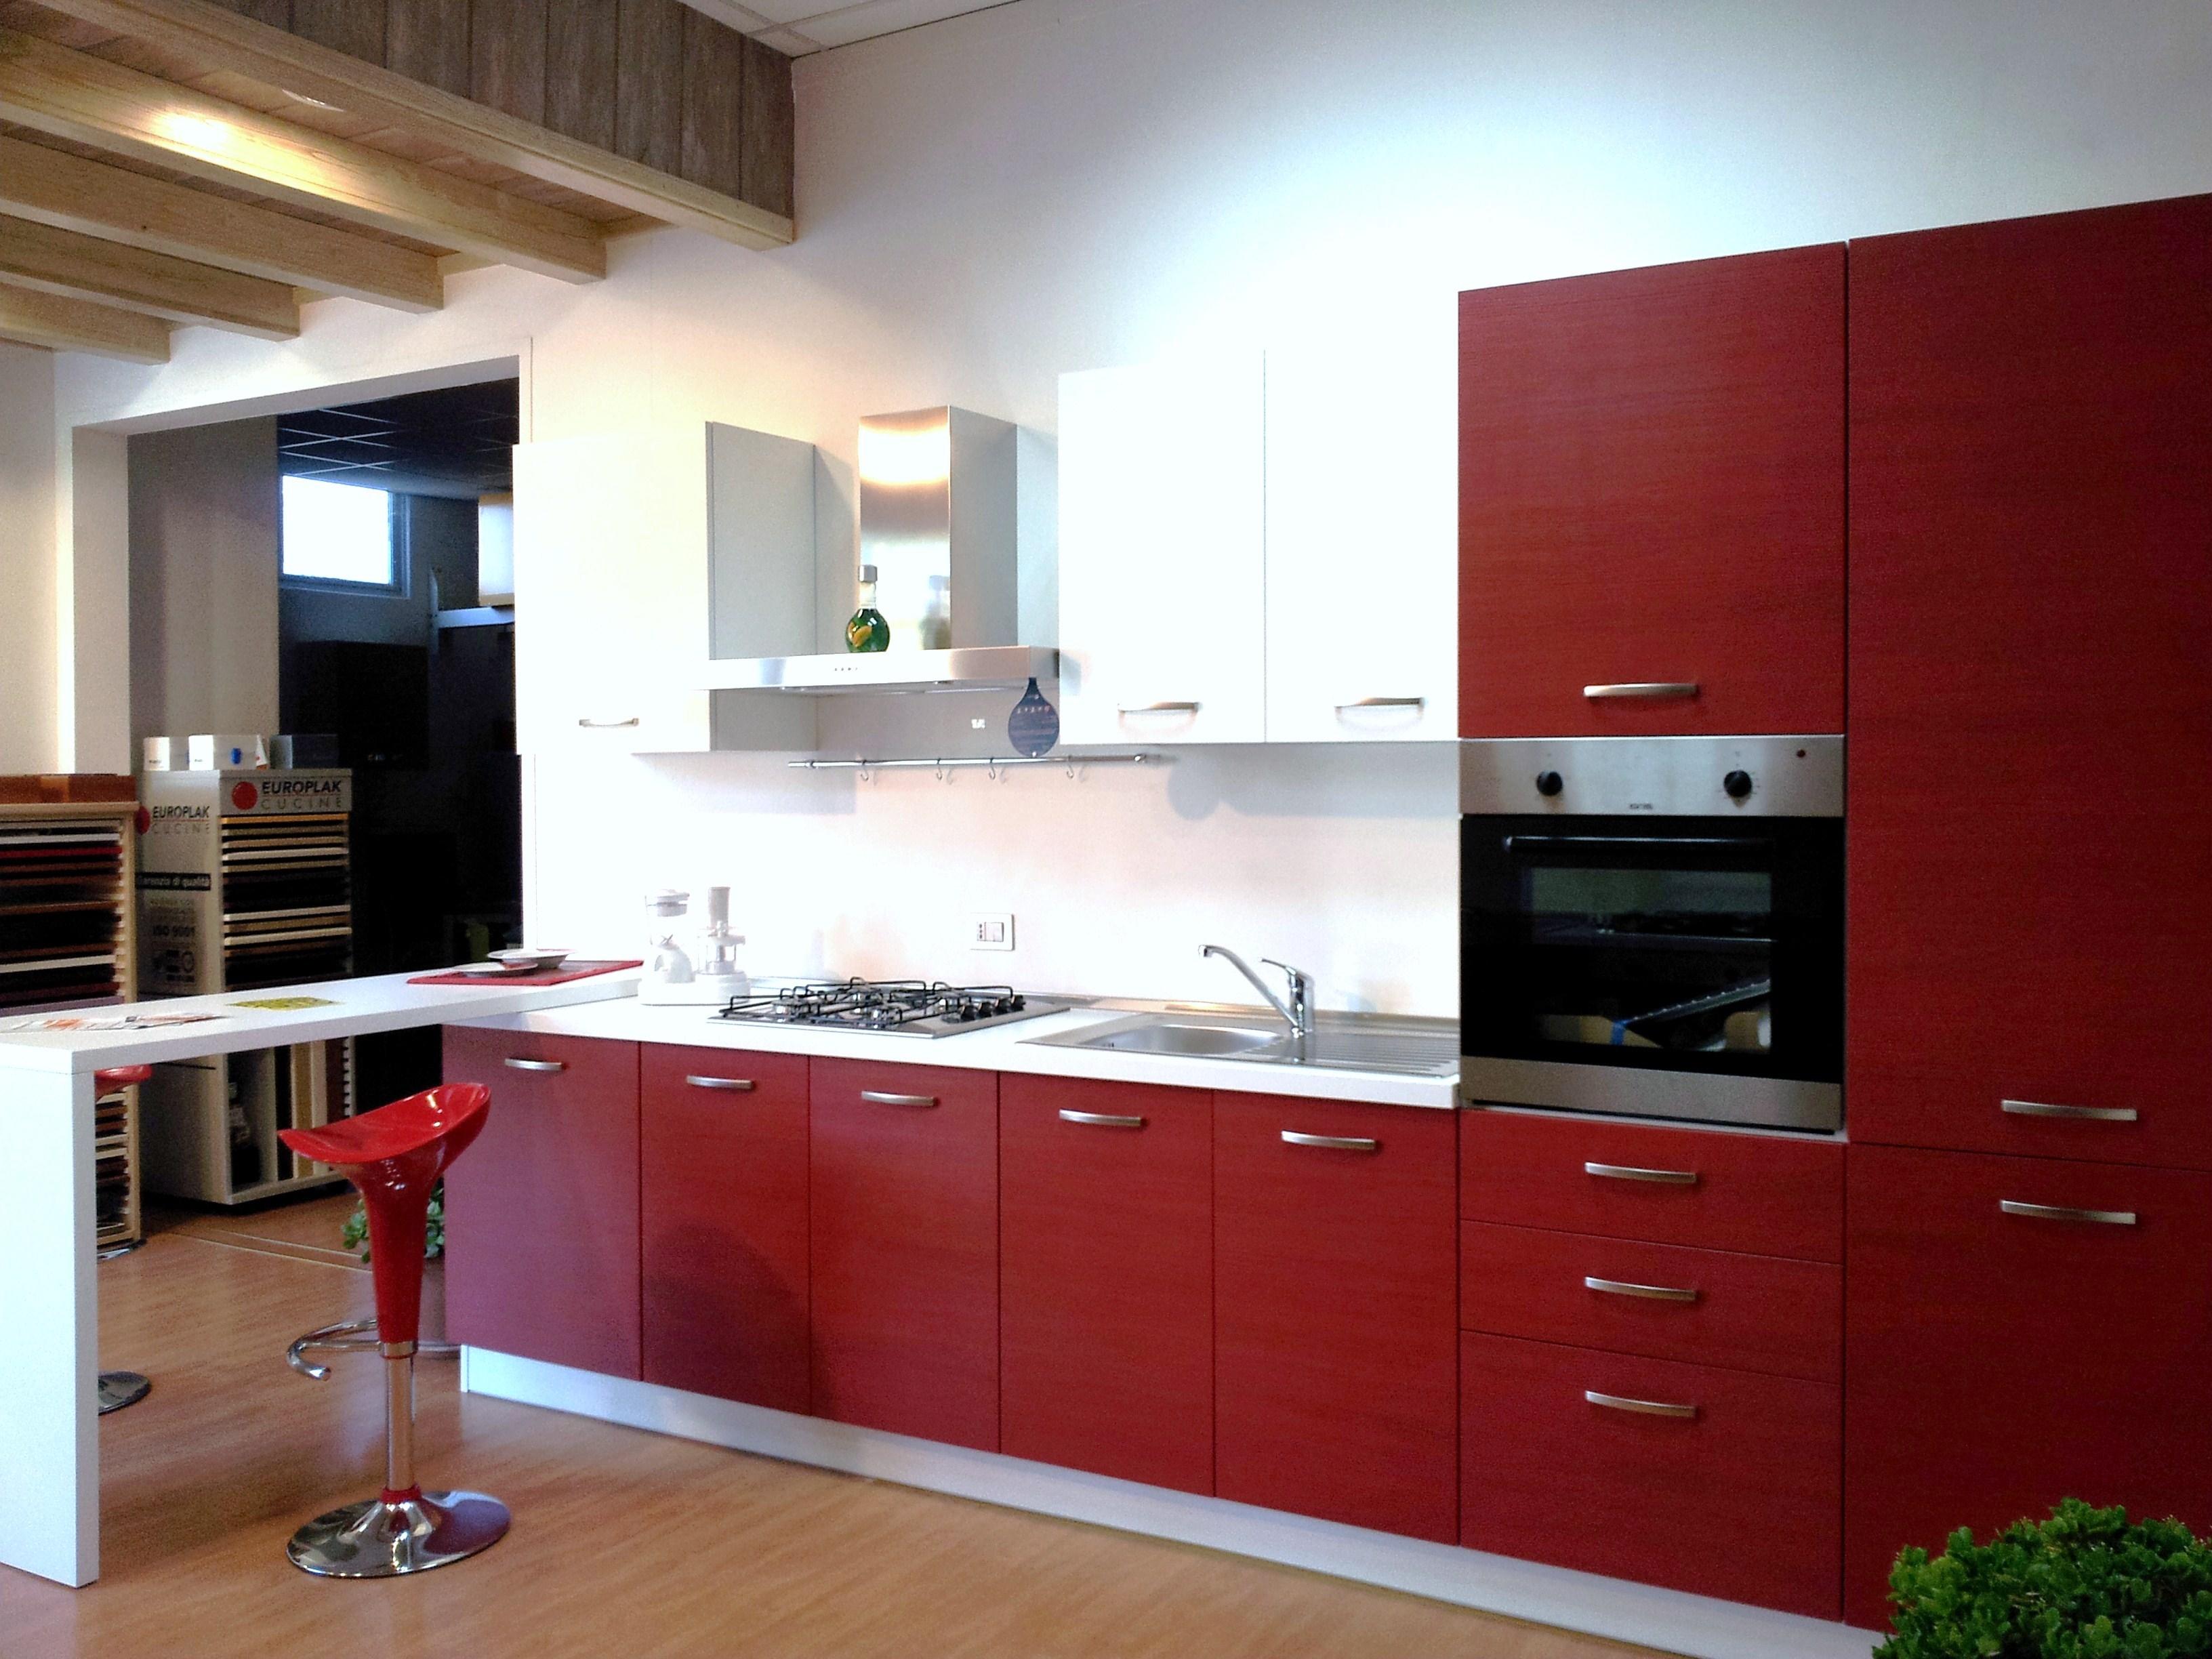 Cucina moderna con penisola cucine a prezzi scontati - Cucine ad angolo con penisola ...